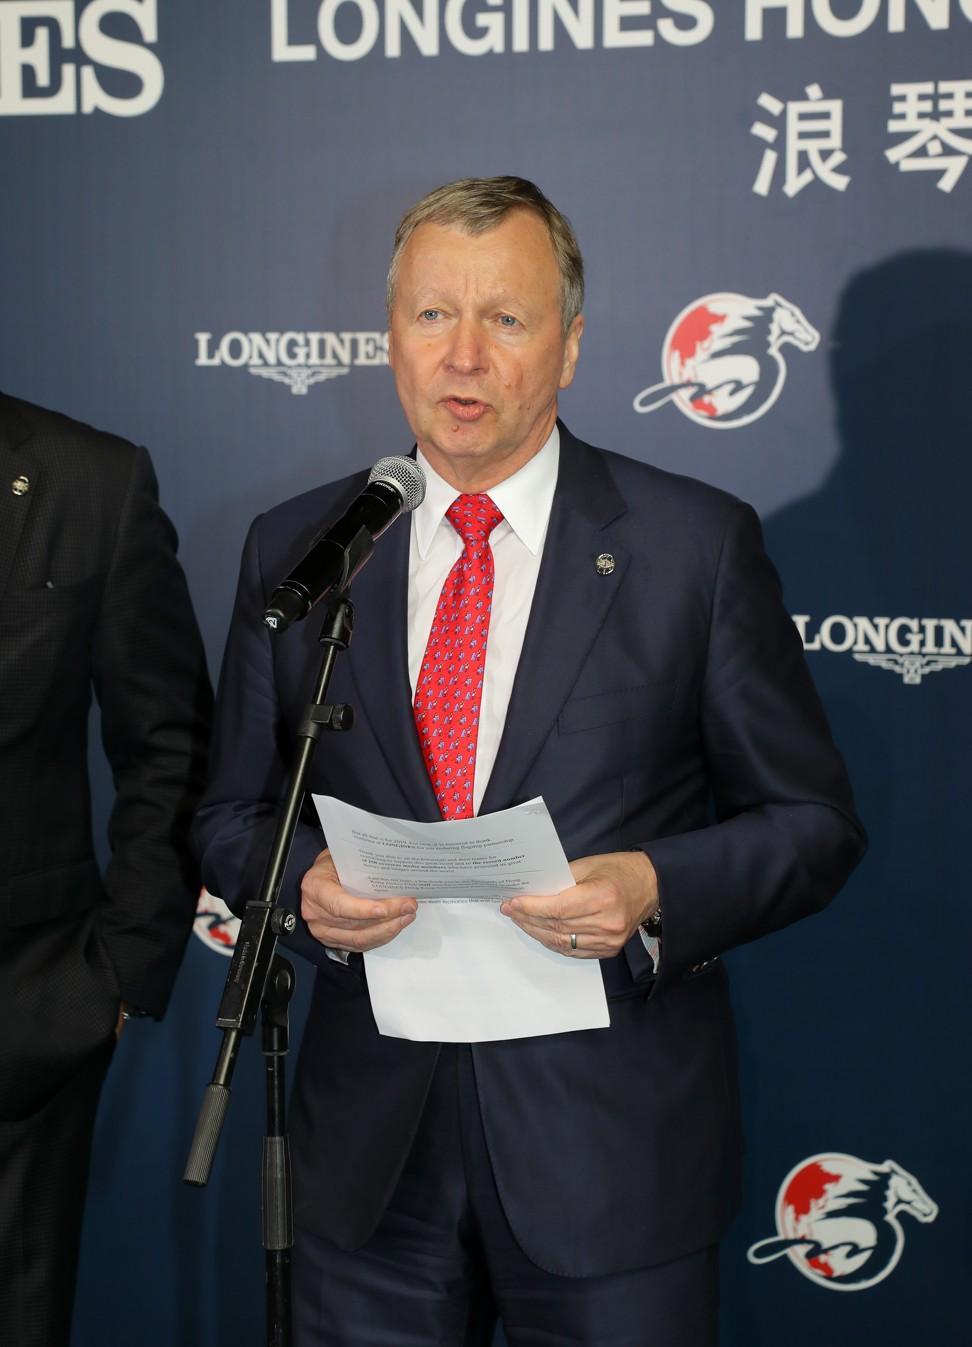 Hong Kong Jockey Club chief executive Winfried Engelbrecht-Bresges